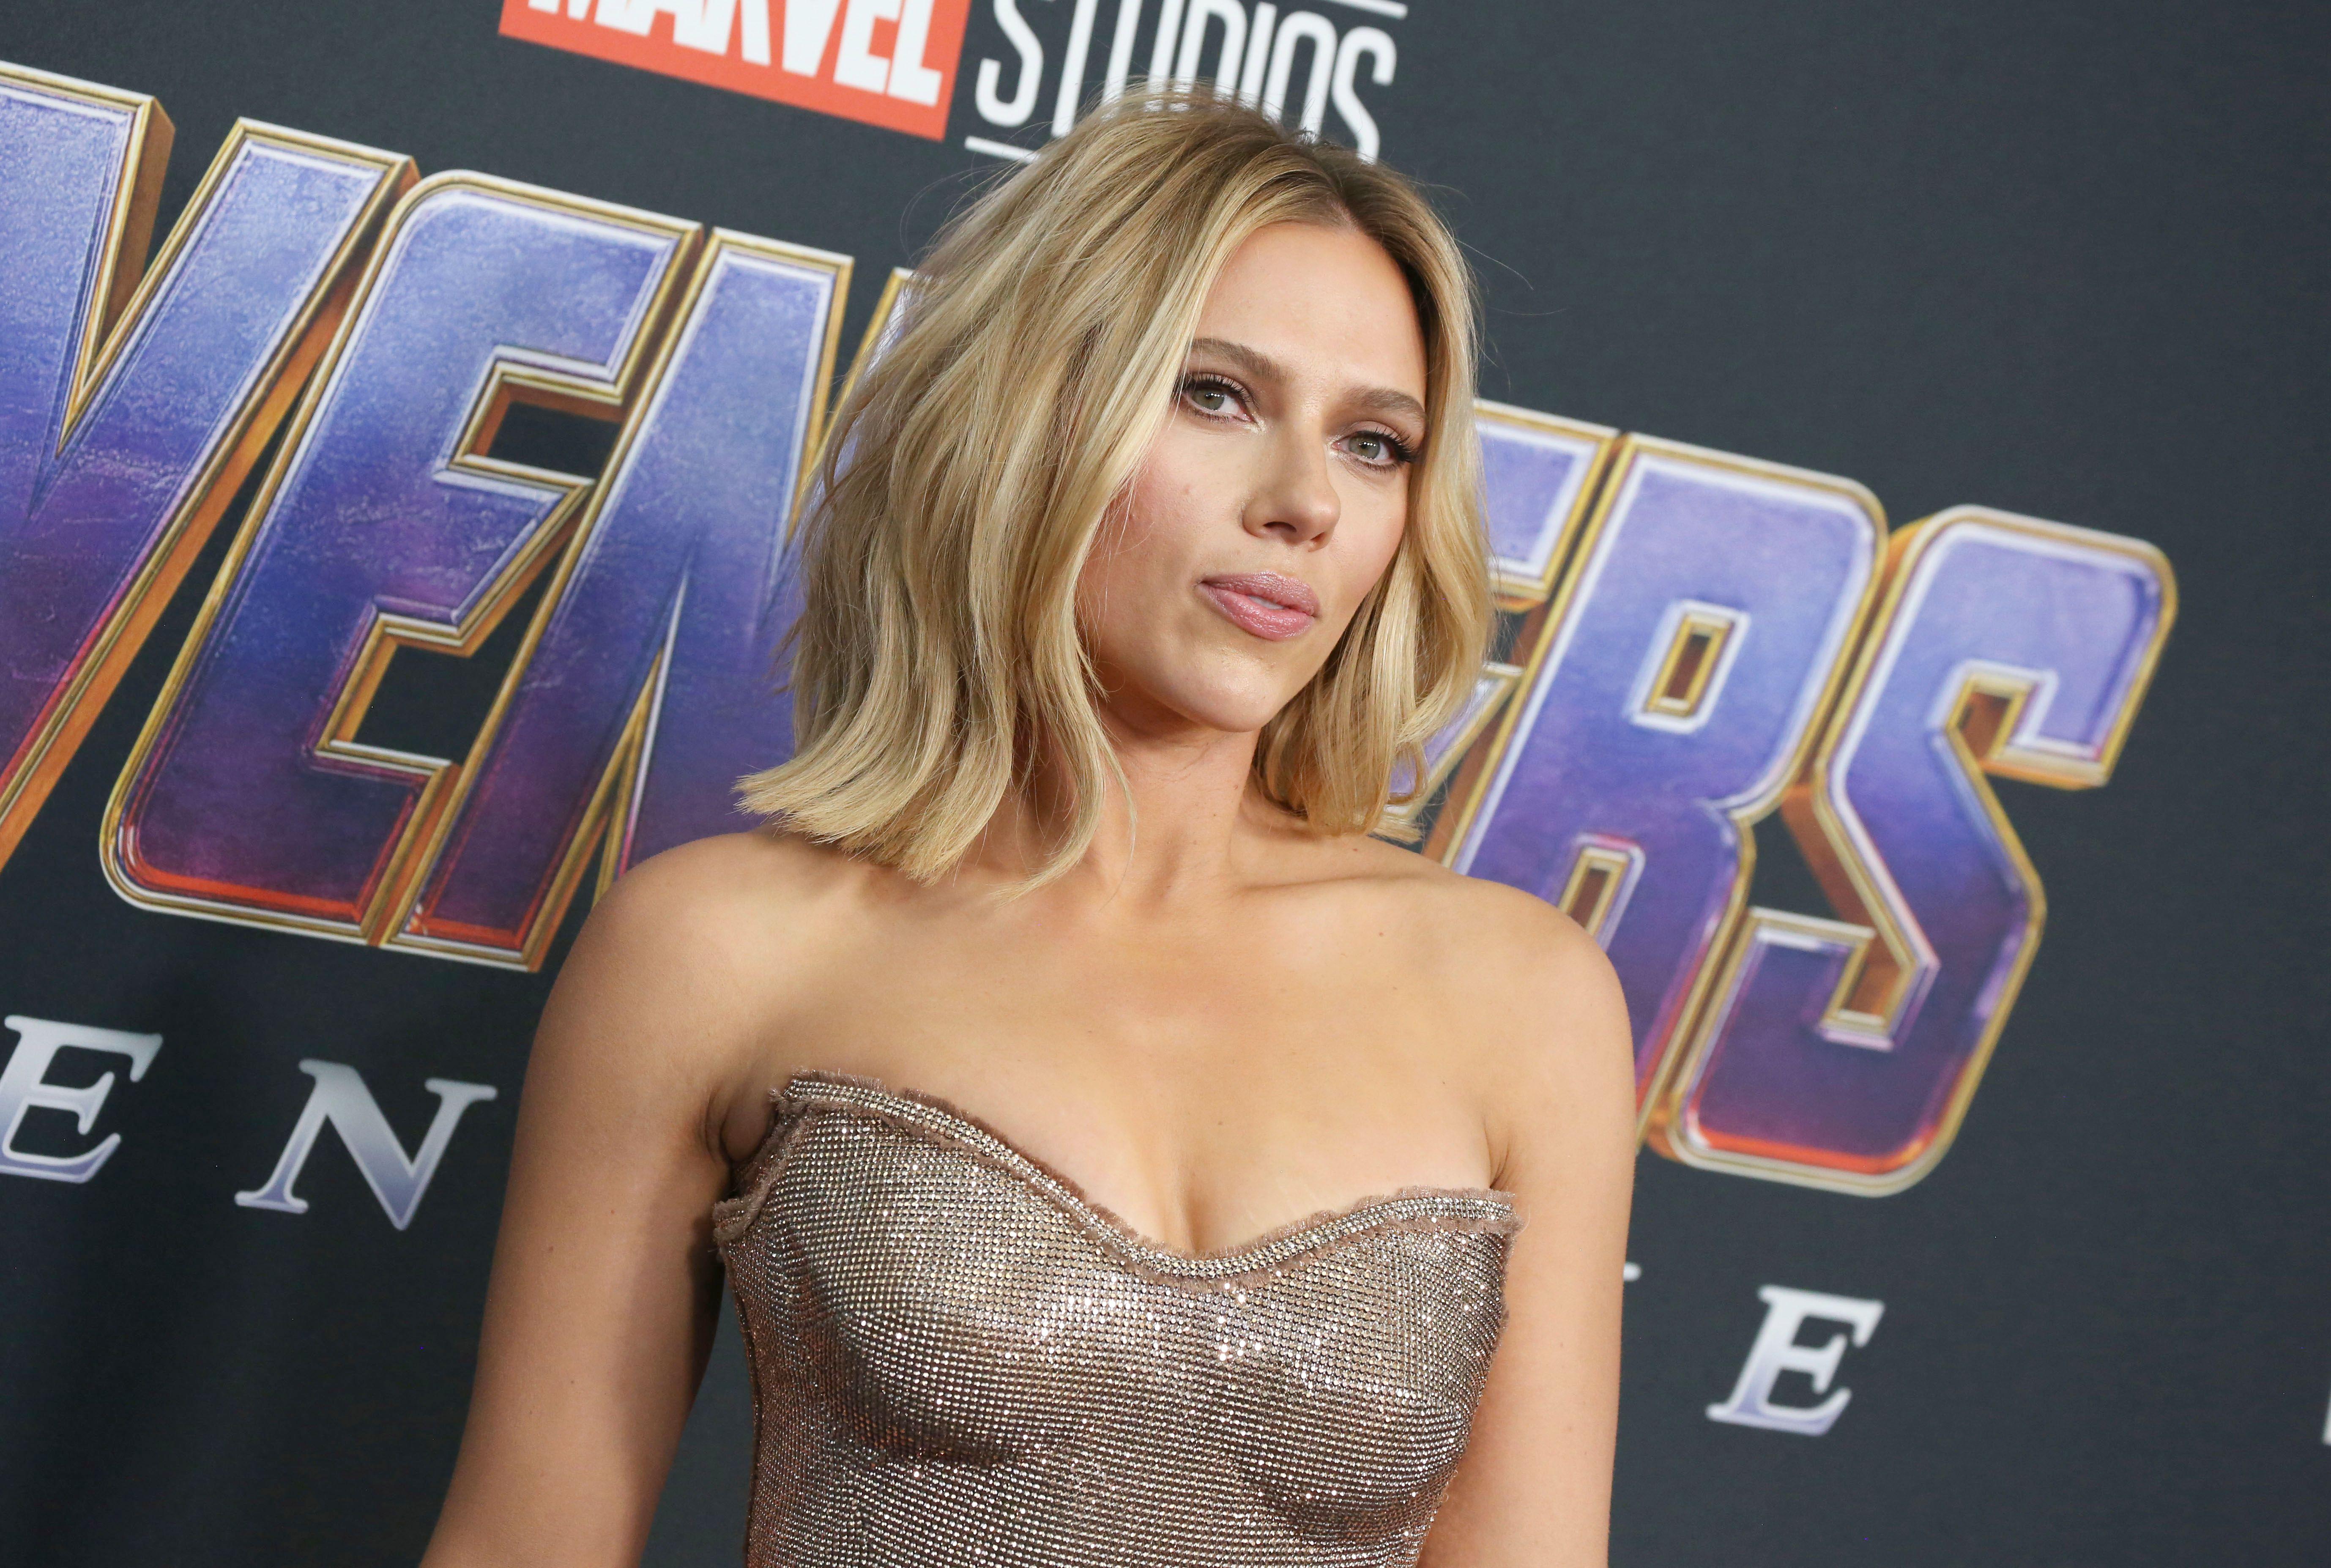 Scarlett Johansson'Avengers: Endgame' Film Premiere, Arrivals, LA Convention Center, Los Angeles, USA - 22 Apr 2019